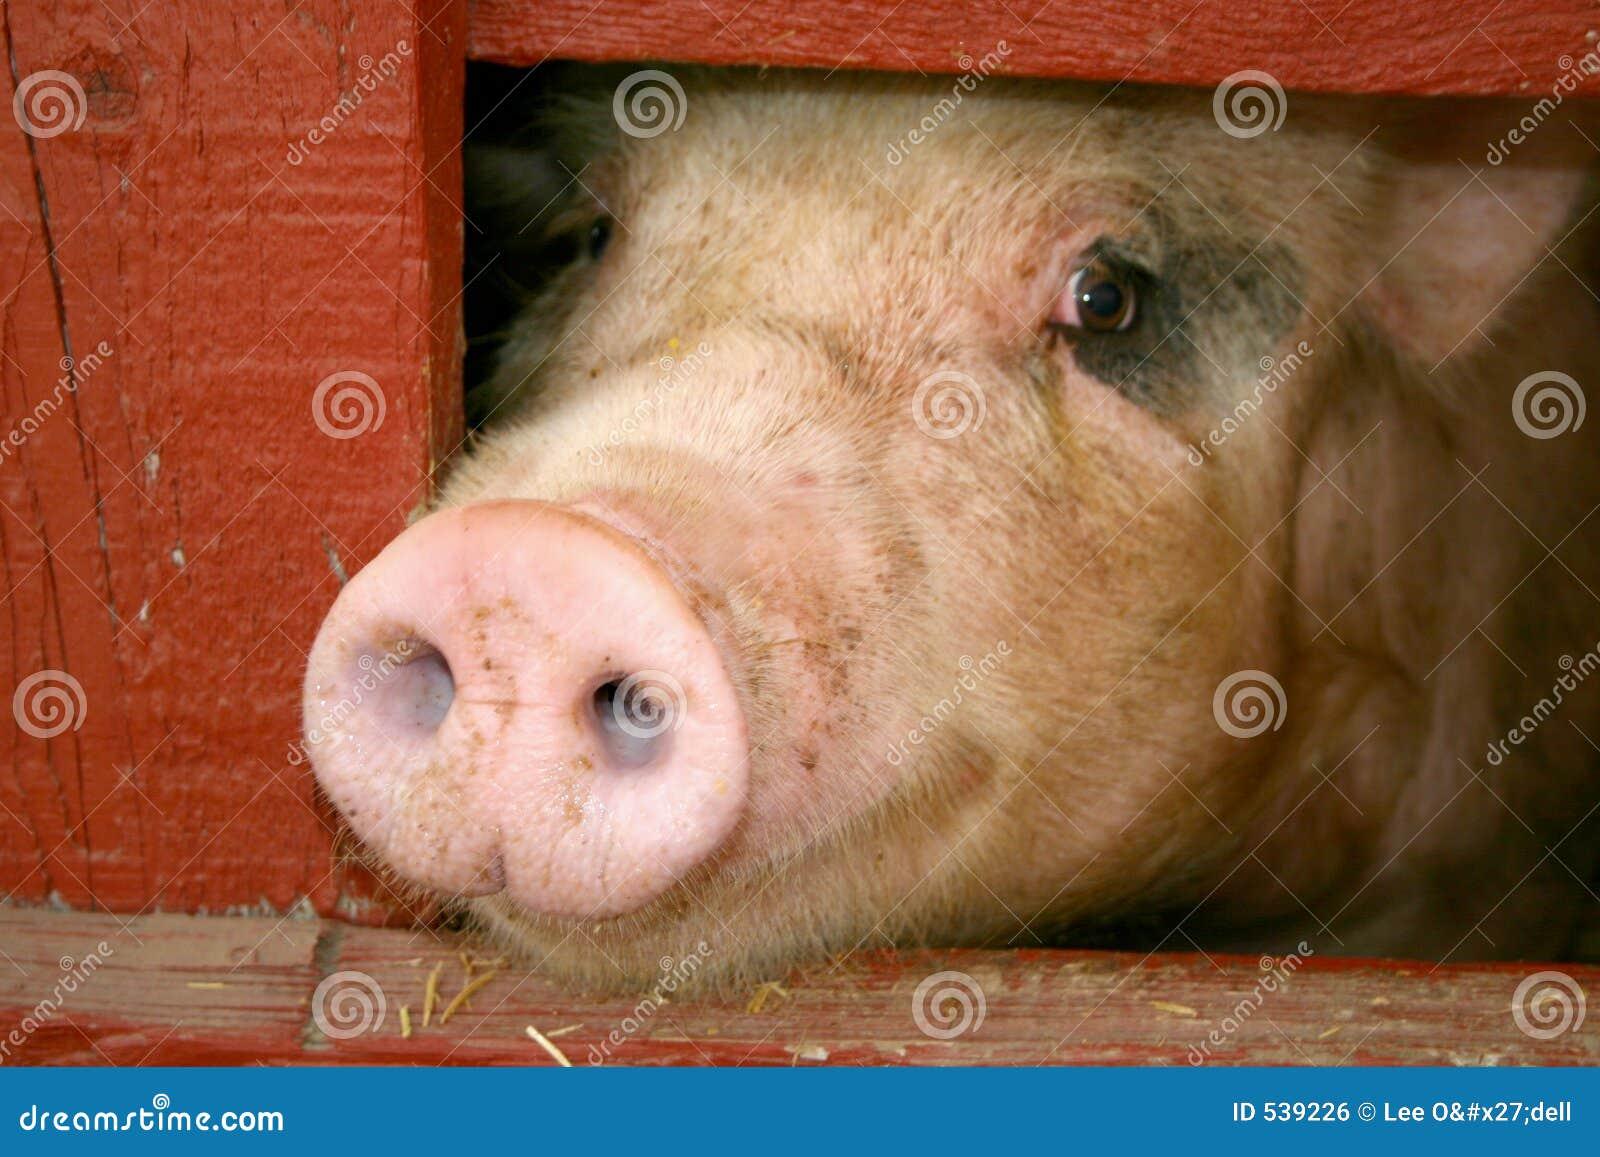 Download 可怜 库存照片. 图片 包括有 家畜, 问题的, 哀伤, 失望, 农村, 母猪, 哀痛, 会议室, 农场, 消沉 - 539226